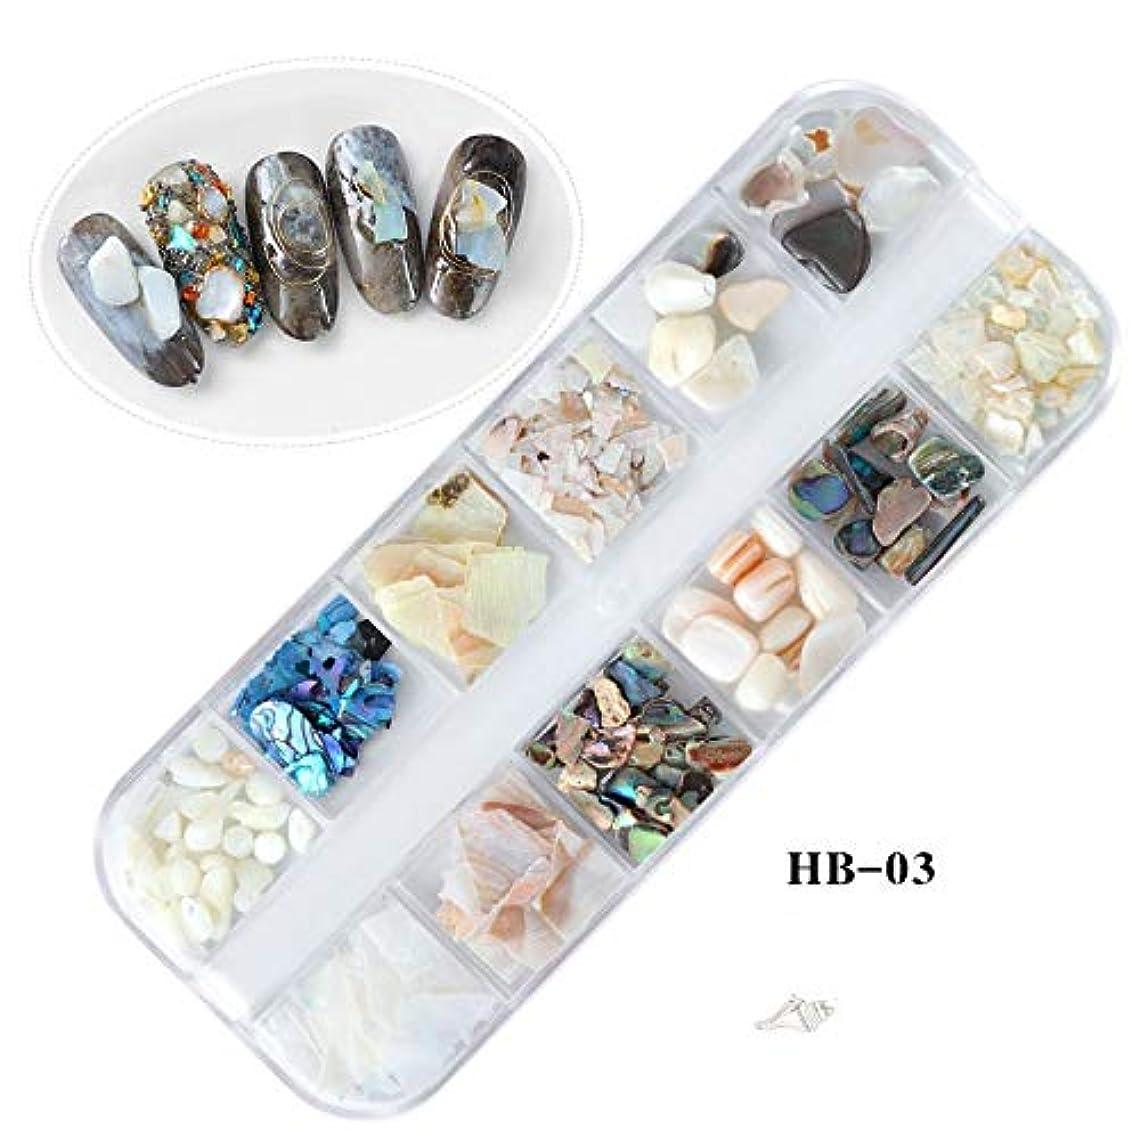 のホストモルヒネ貨物Kerwinner 天然貝殻3DチャームネイルアートデコレーションスライスDIYビューティーサロンオーシャンネイルアートパウダーマニキュアデカールツール (Color : HB03)